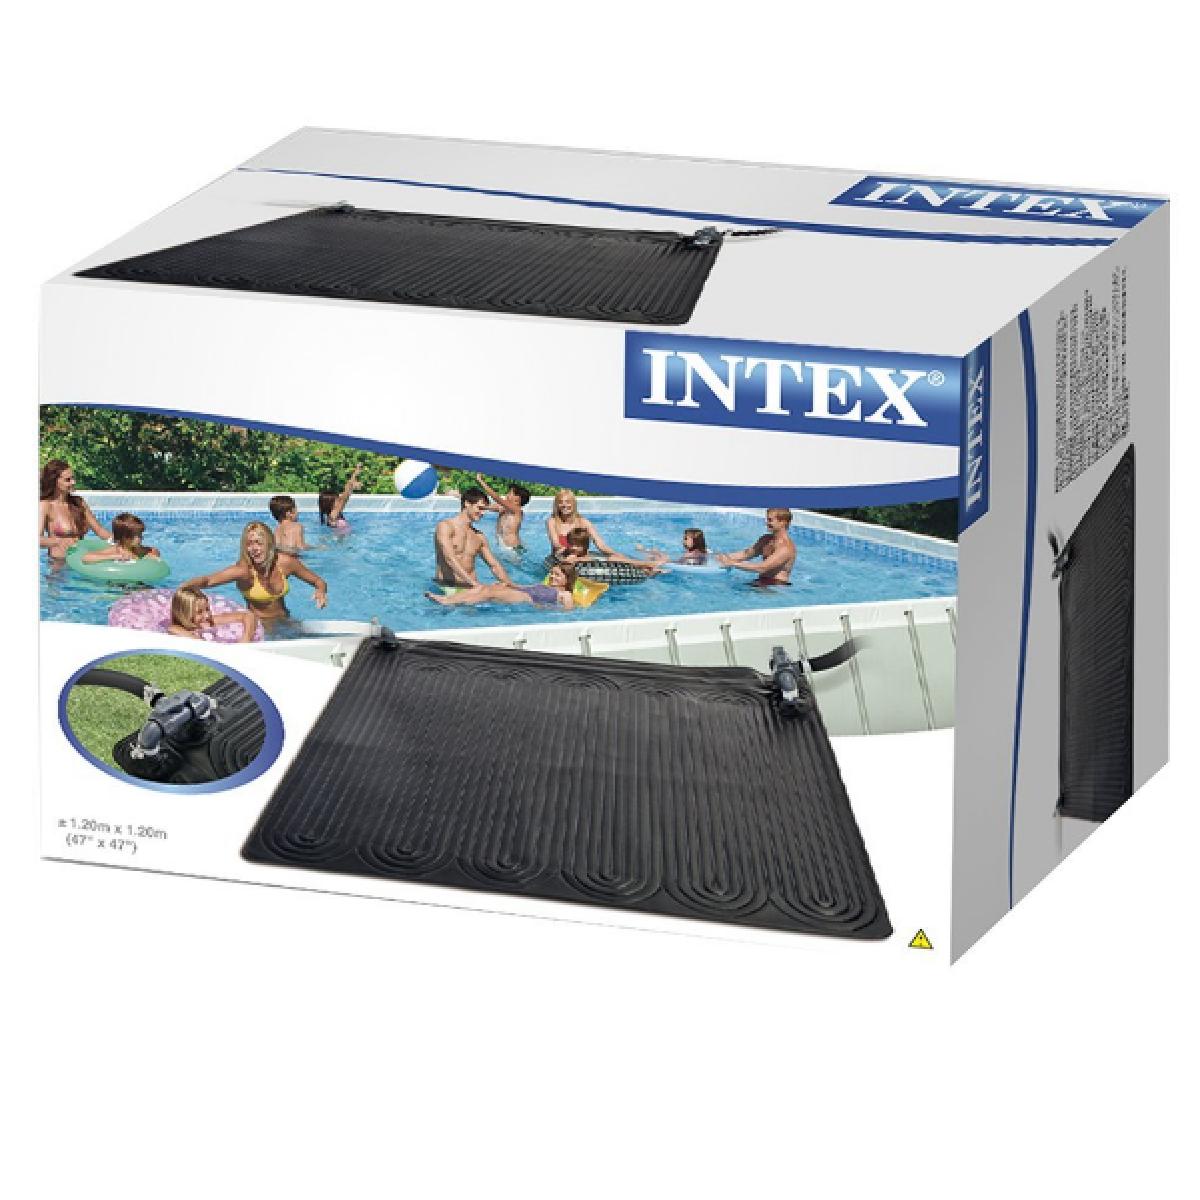 Cadeaux 2 ouf id es de cadeaux insolites et originaux for Chauffer piscine intex